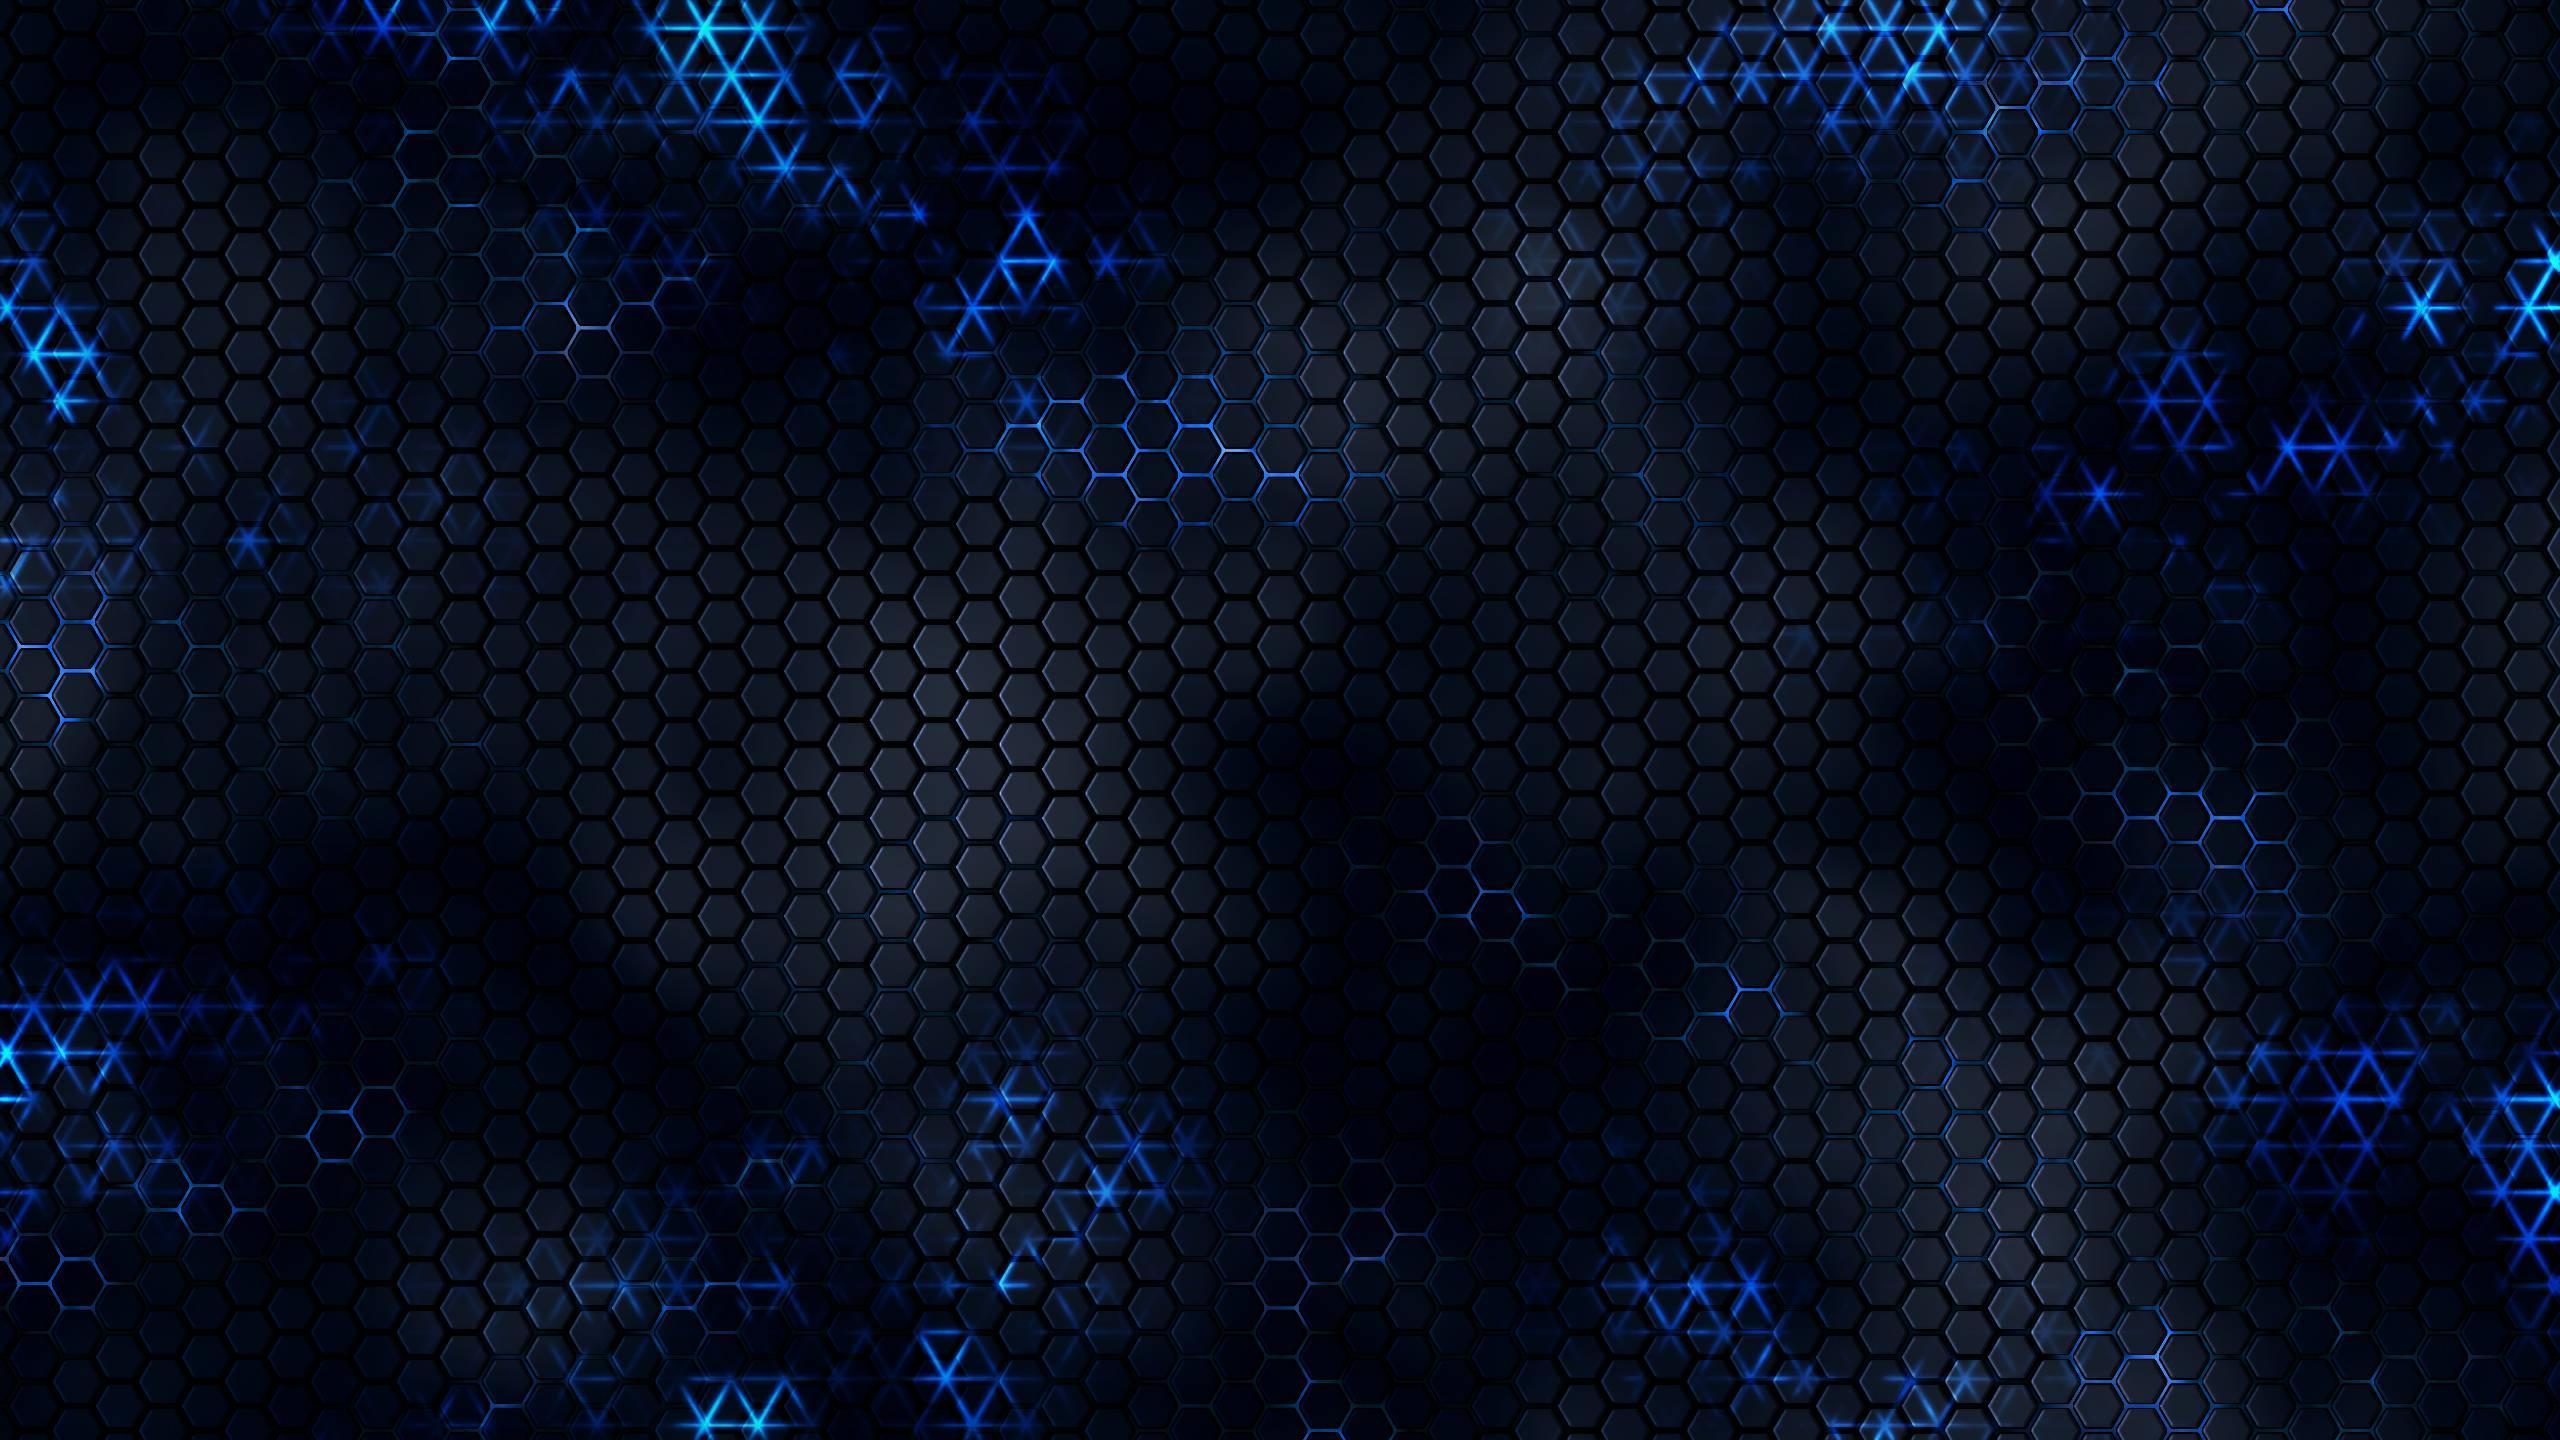 картинки черно синие обои чем тебя поздравляю